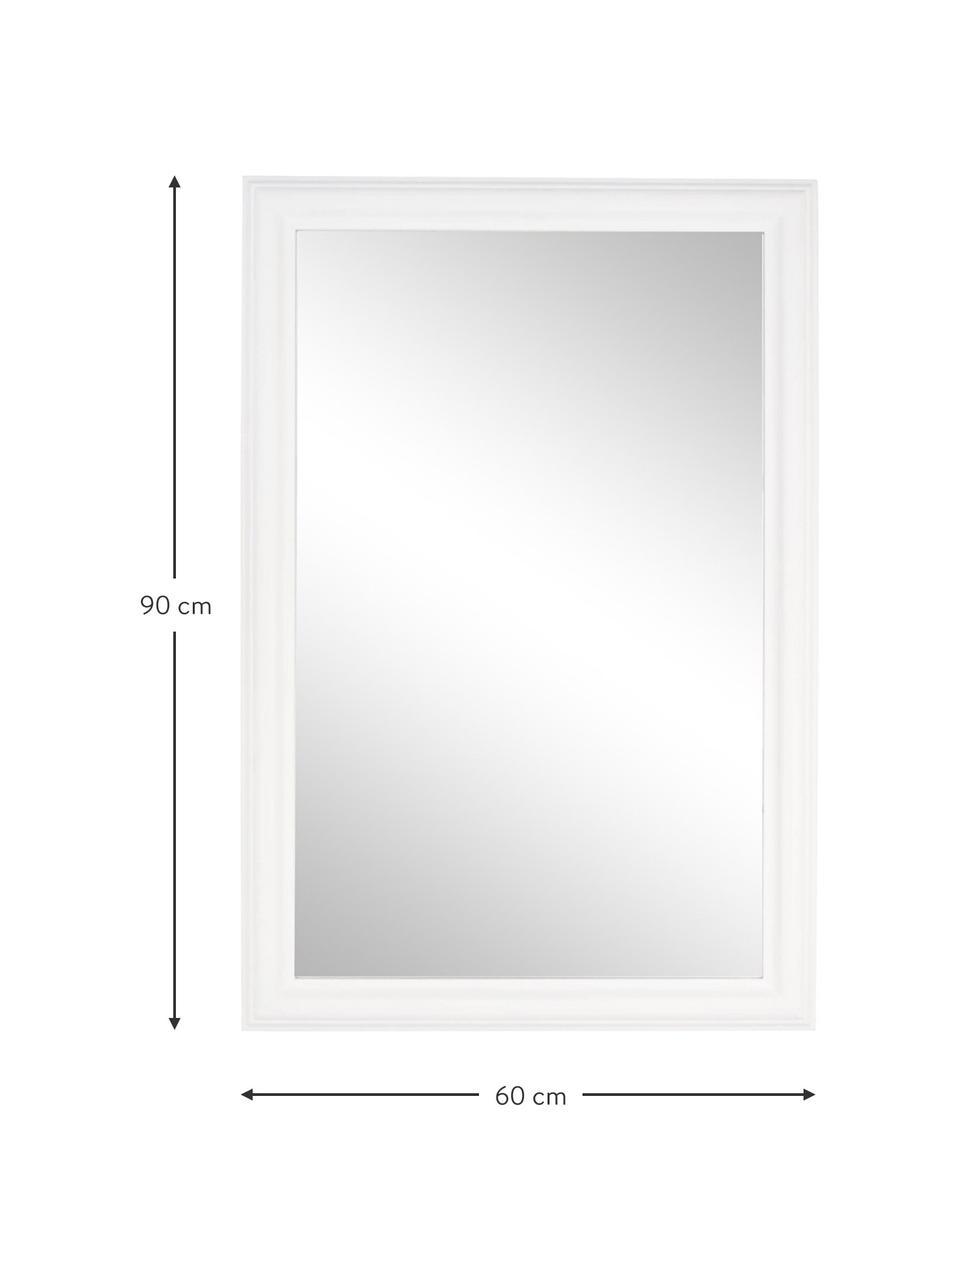 Eckiger Wandspiegel Sanzio mit weißem Paulowniaholzrahmen, Rahmen: Paulowniaholz, beschichte, Spiegelfläche: Spiegelglas, Weiß, 60 x 90 cm